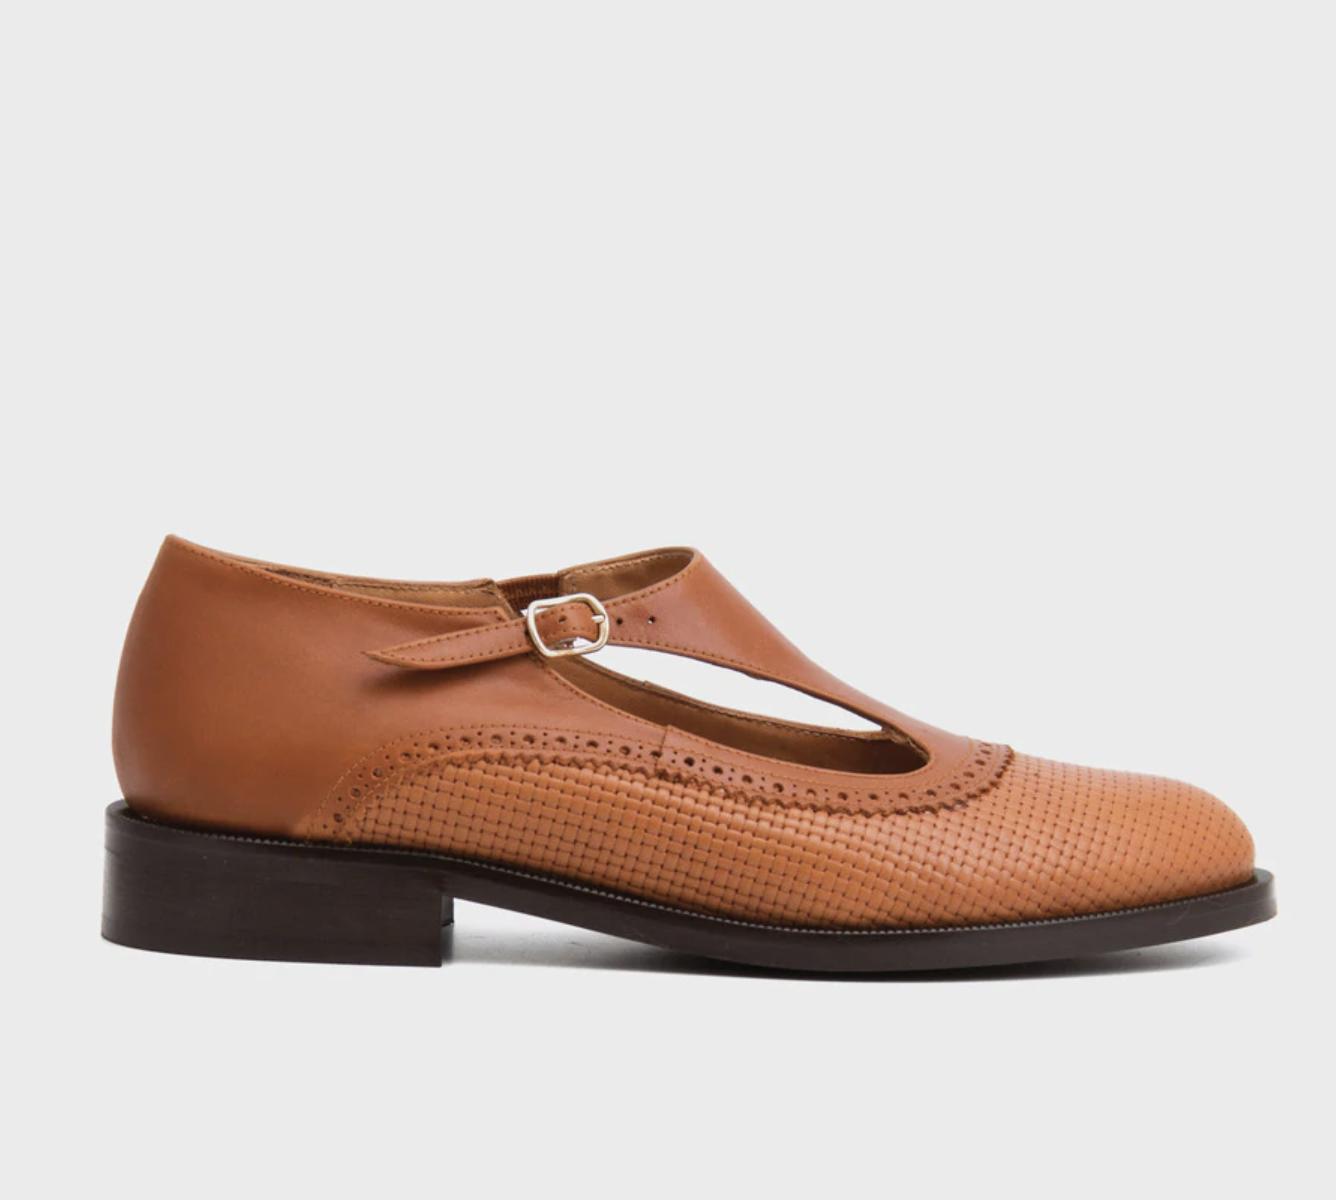 Zapatos planos de mujer Naguisa de piel marrón con cierre de hebilla